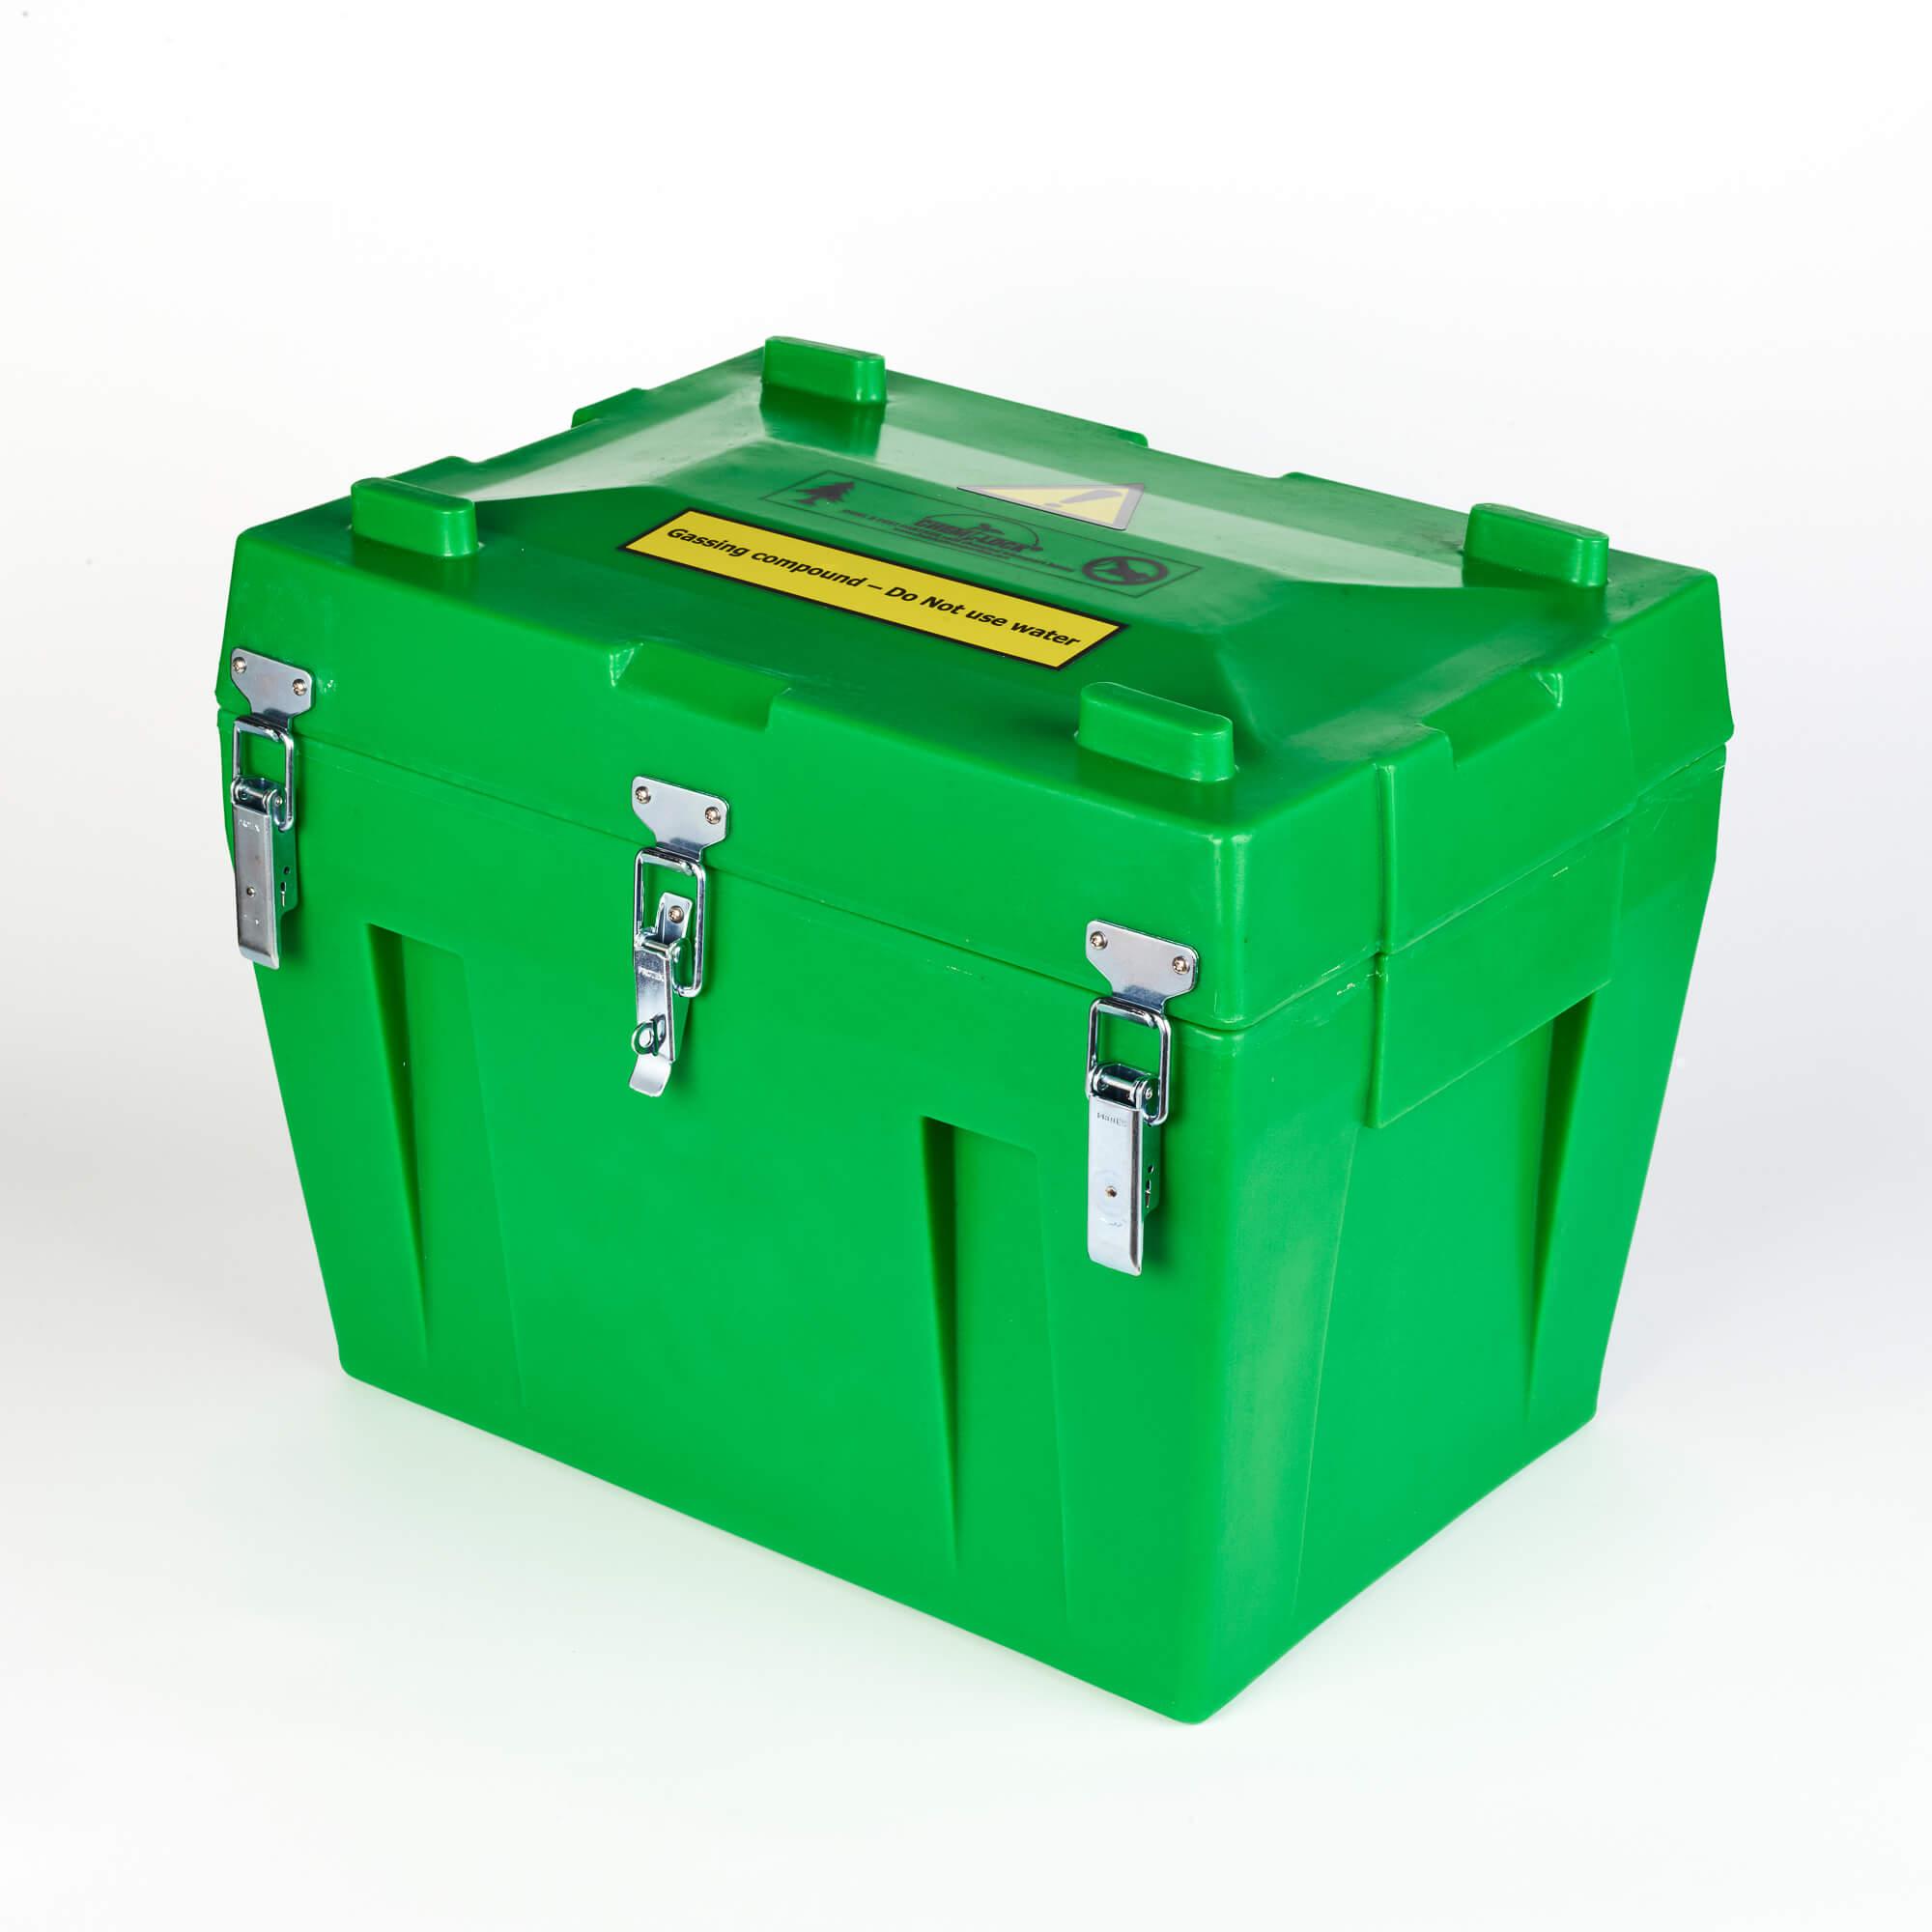 Chem-Lock® Dual Chemical Transport Box